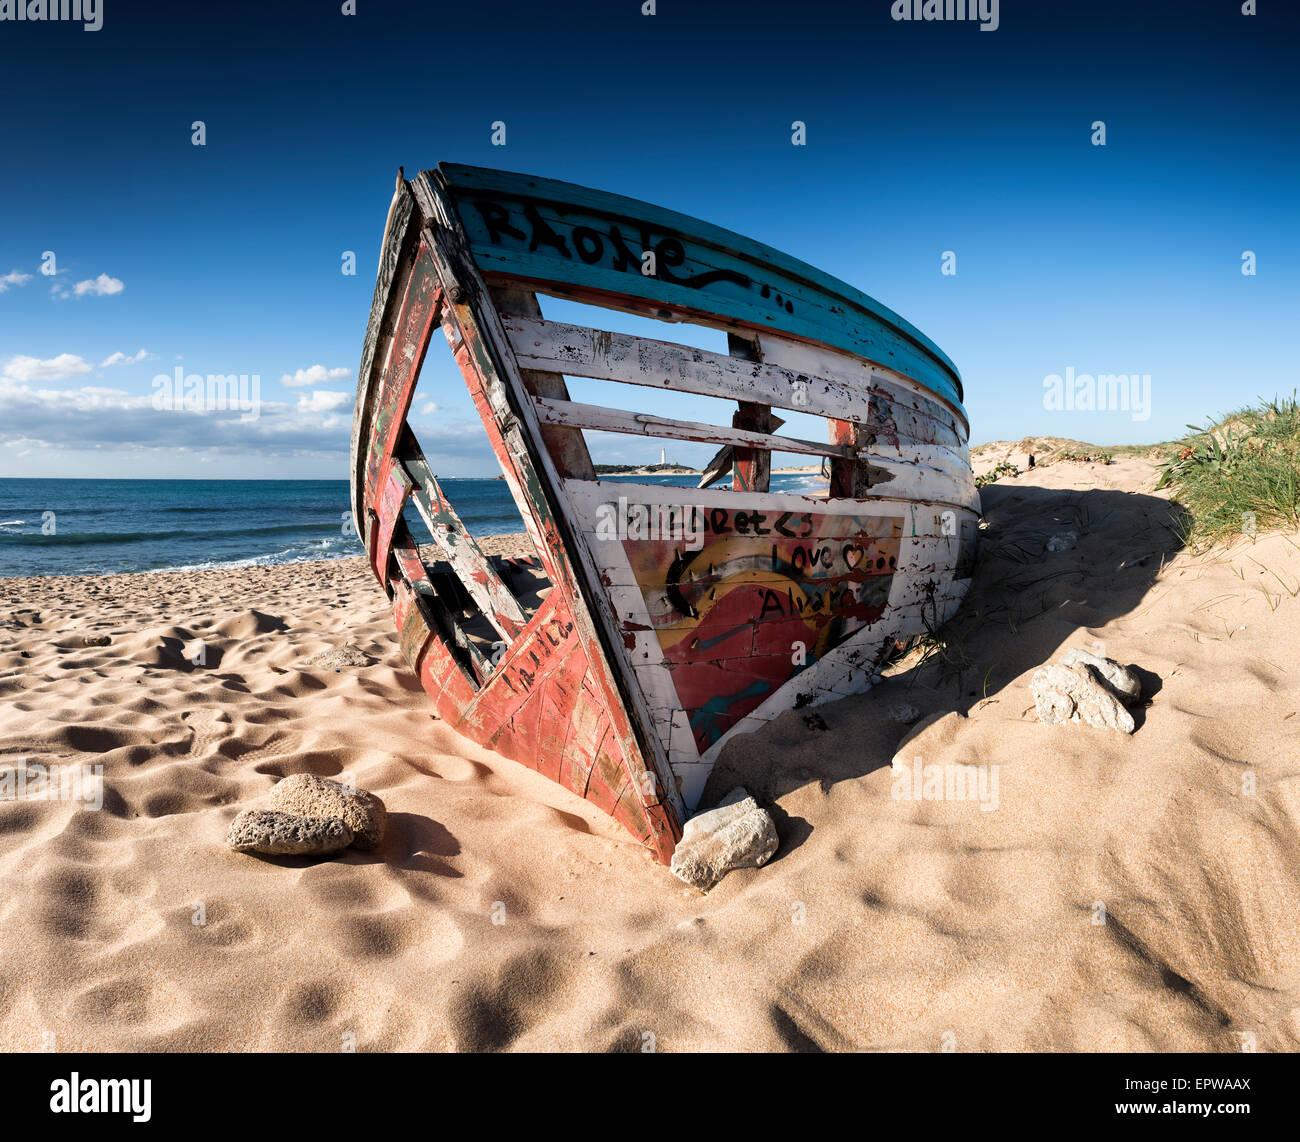 Abandoned boat. Caños de Meca, Trafalgar, Cadiz, Costa de la Luz, Andalusia, Spain. - Stock Image